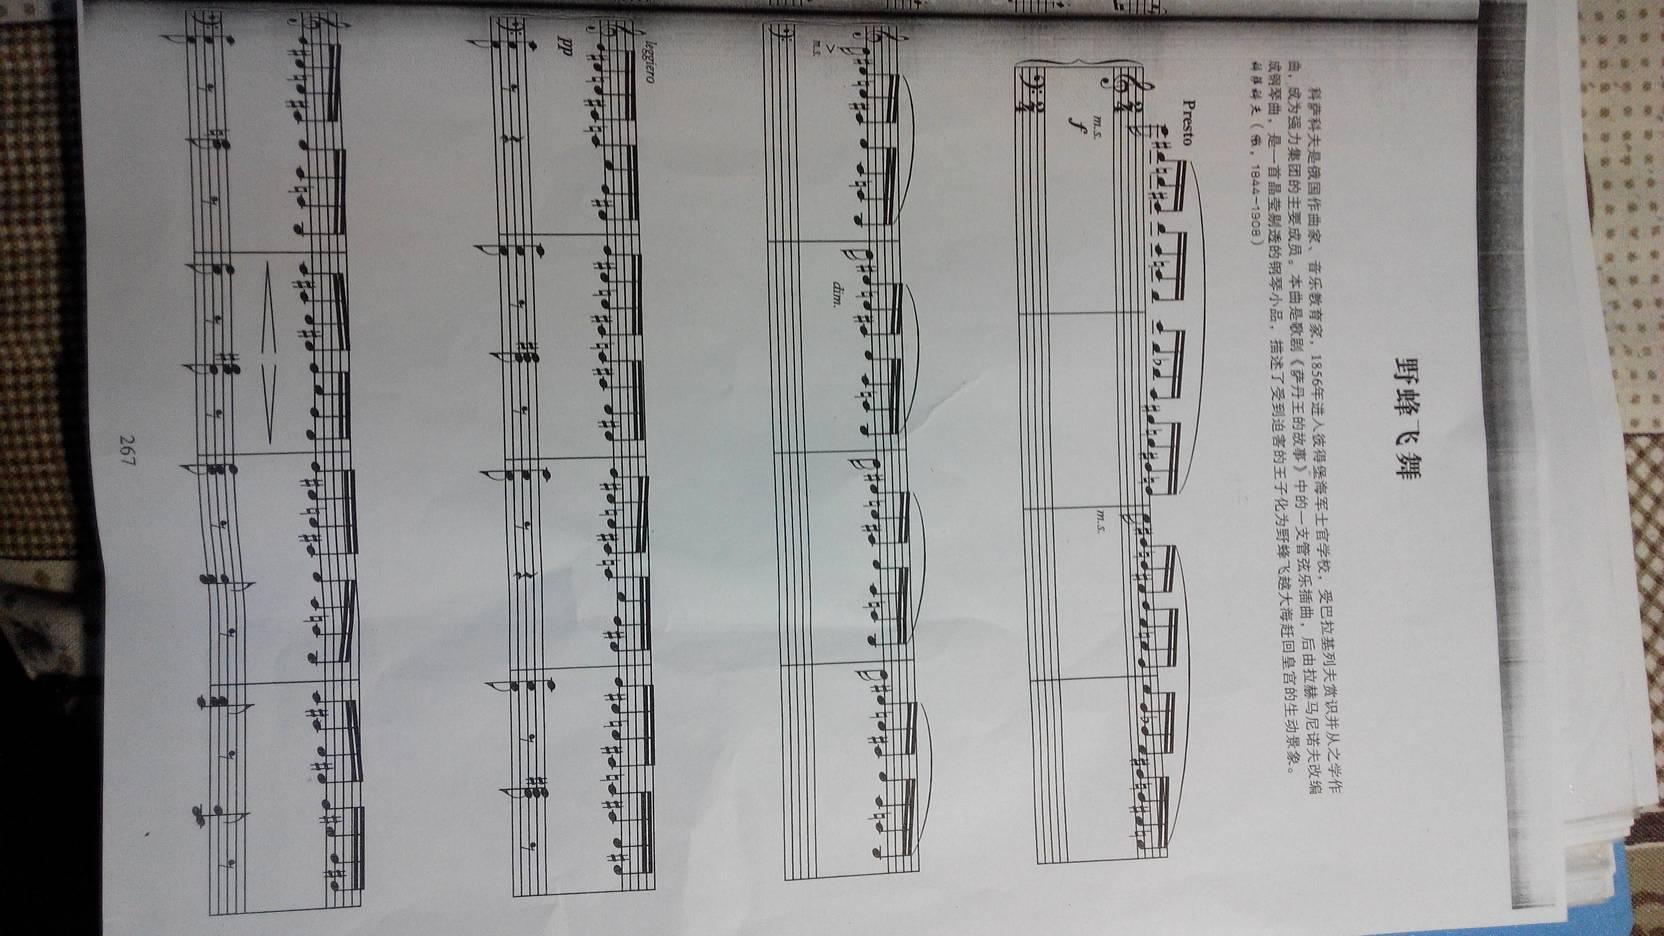 小提琴野蜂飞舞乐谱内容|小提琴野蜂飞舞乐谱图片